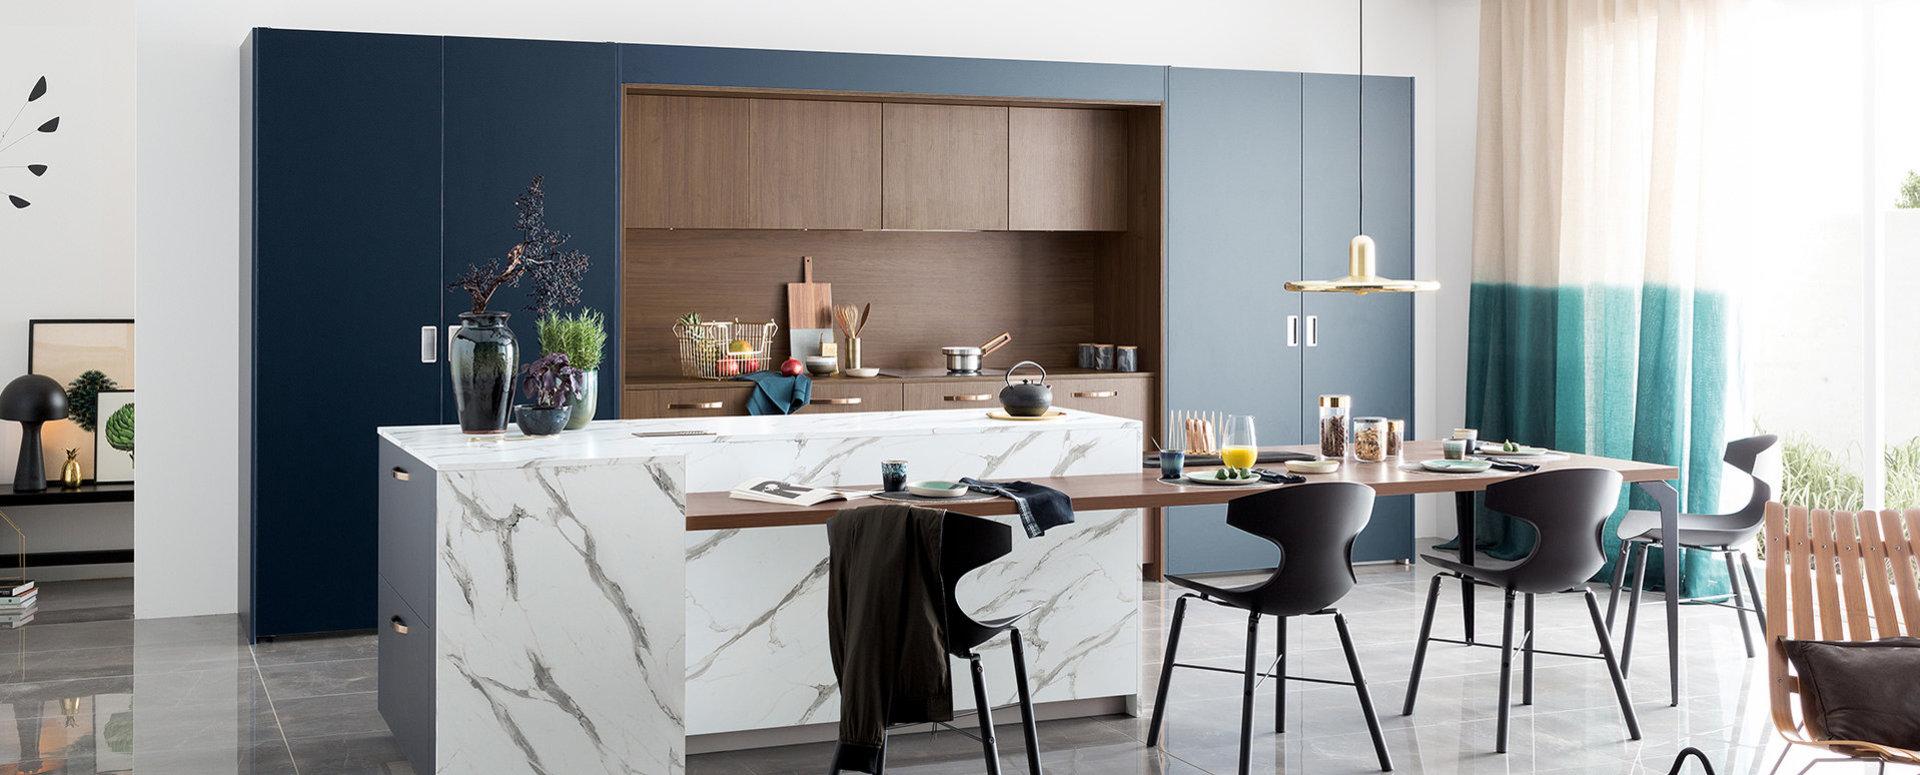 Bilde Åpent trendig kjøkken marmor og valnøttre